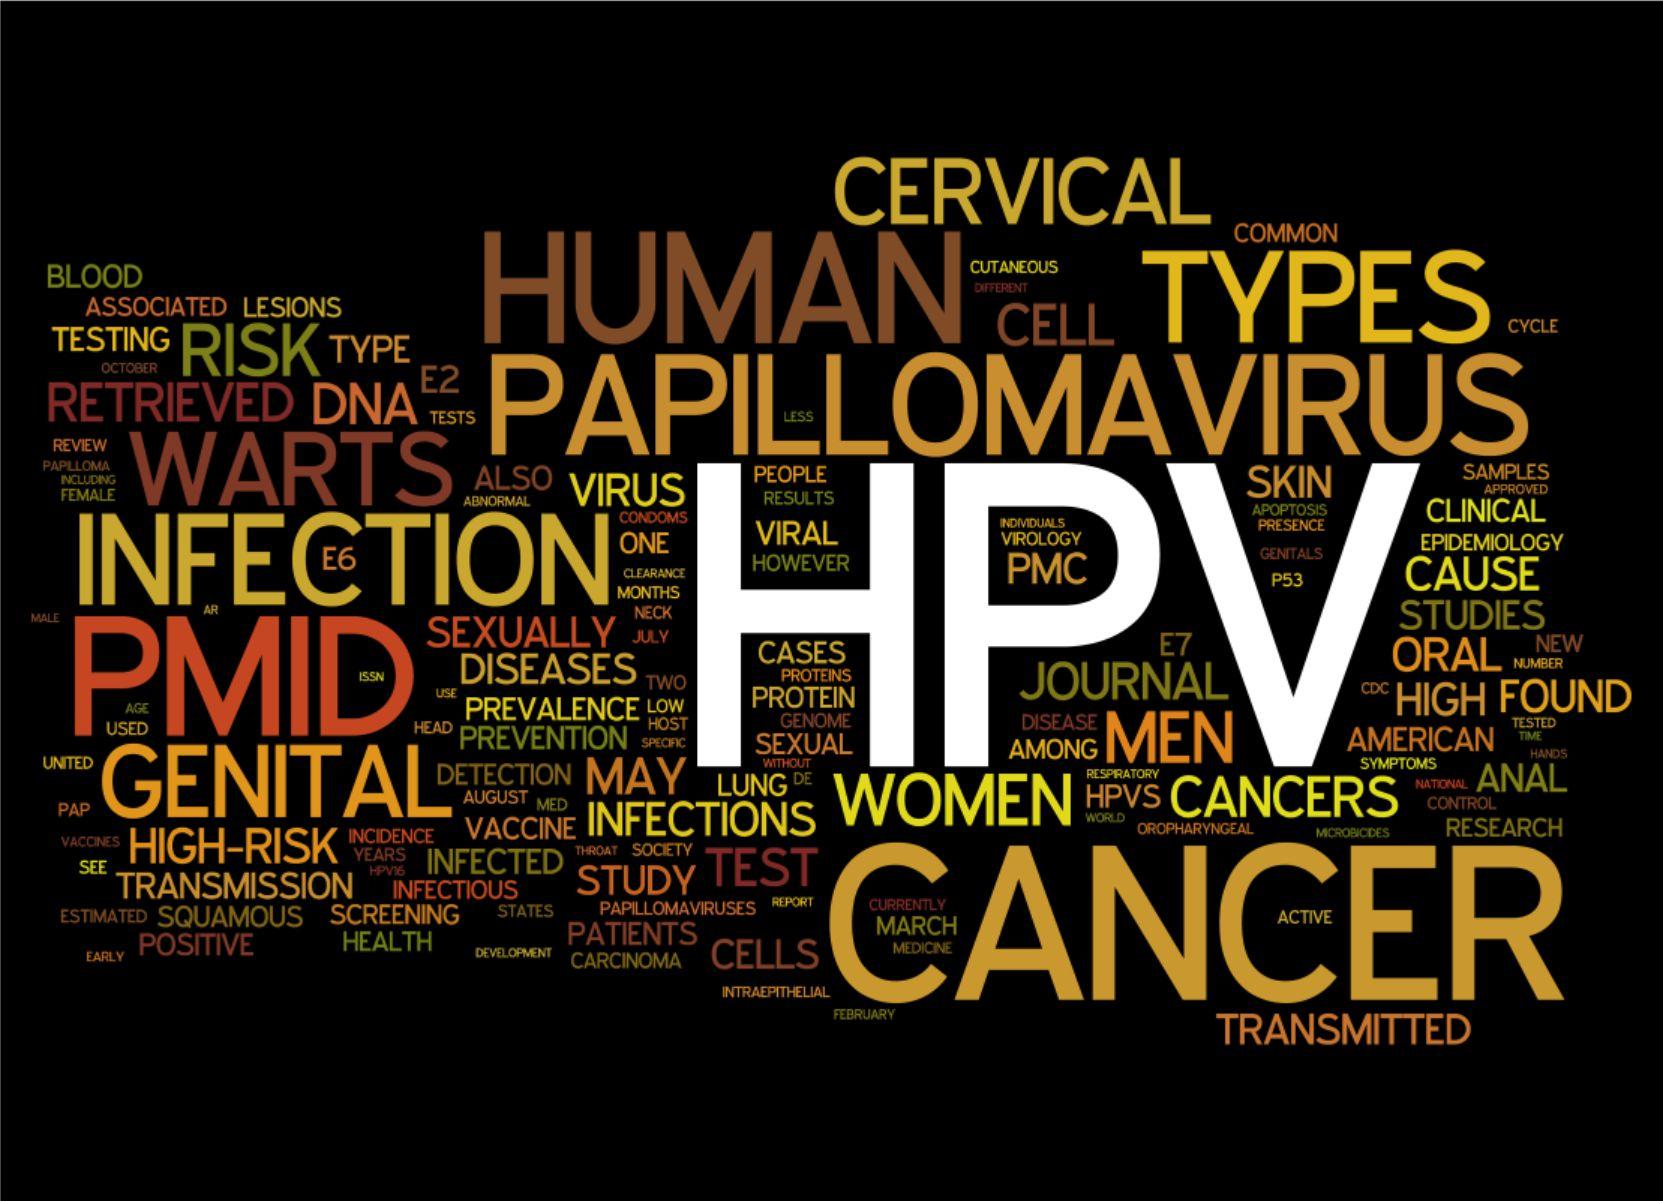 Papillomavirus et biopsie. Virusul HPV - Definitii, Preventie, Diagnostic si Tratament